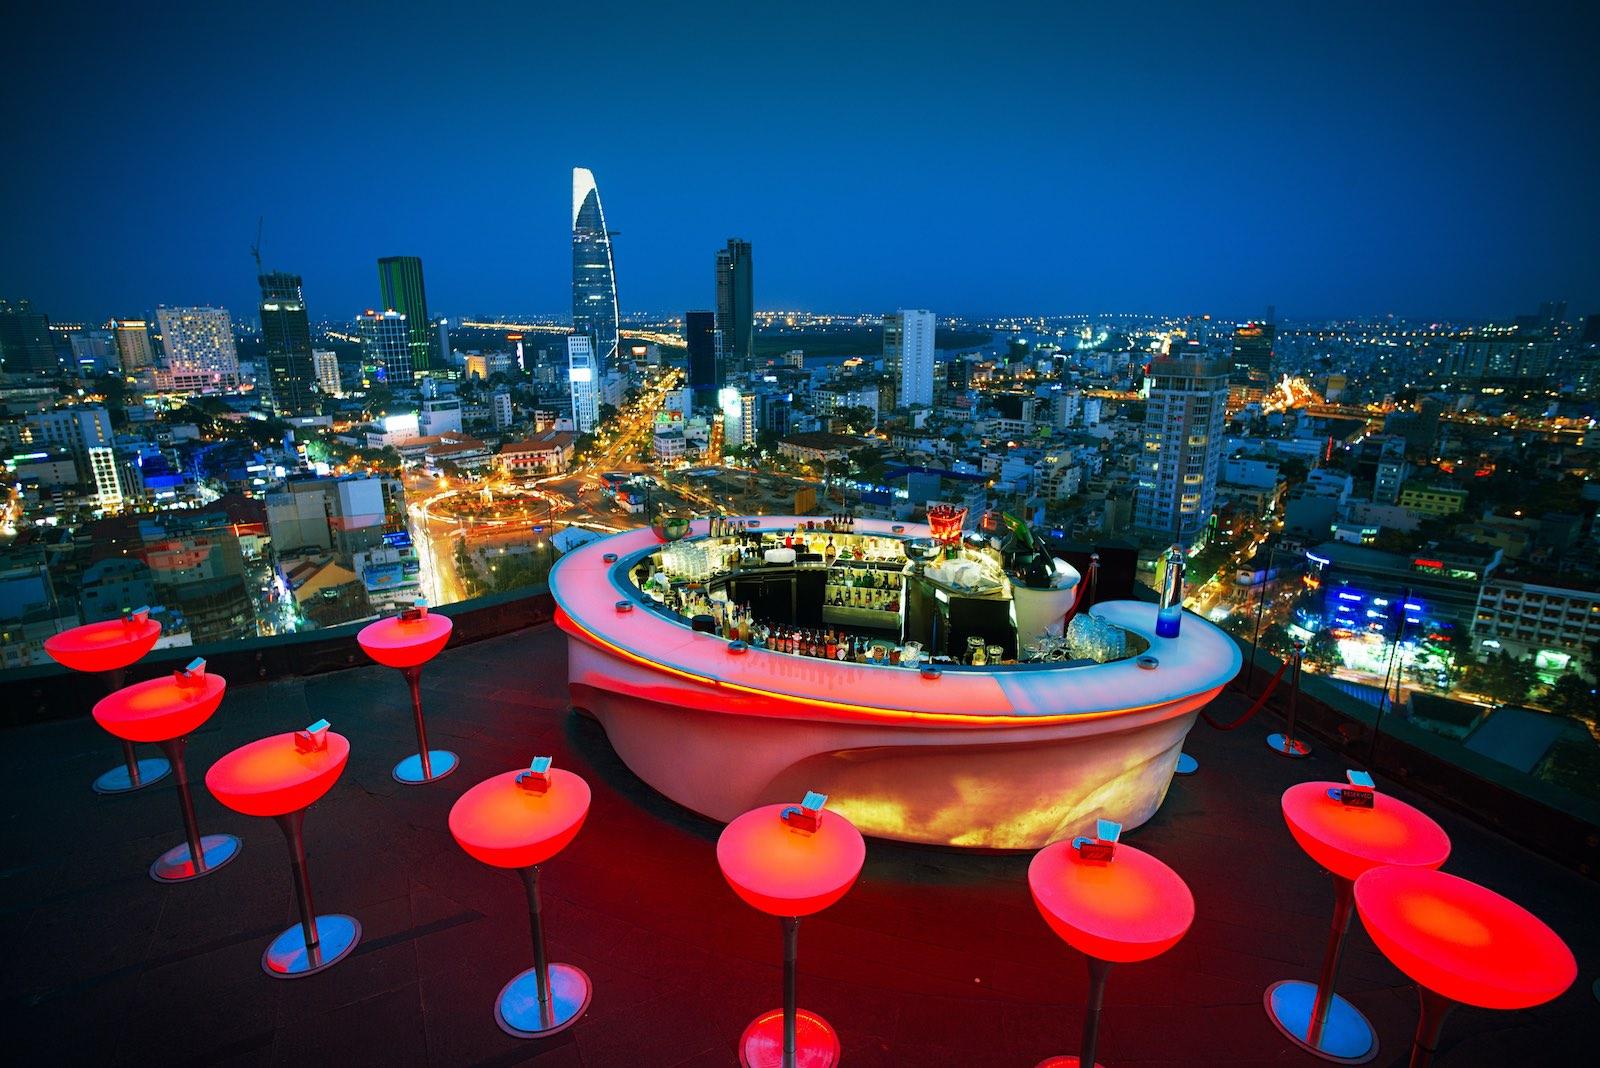 越南必去 Skybar 絕美夜景! 7 家最新胡志明高空酒吧!